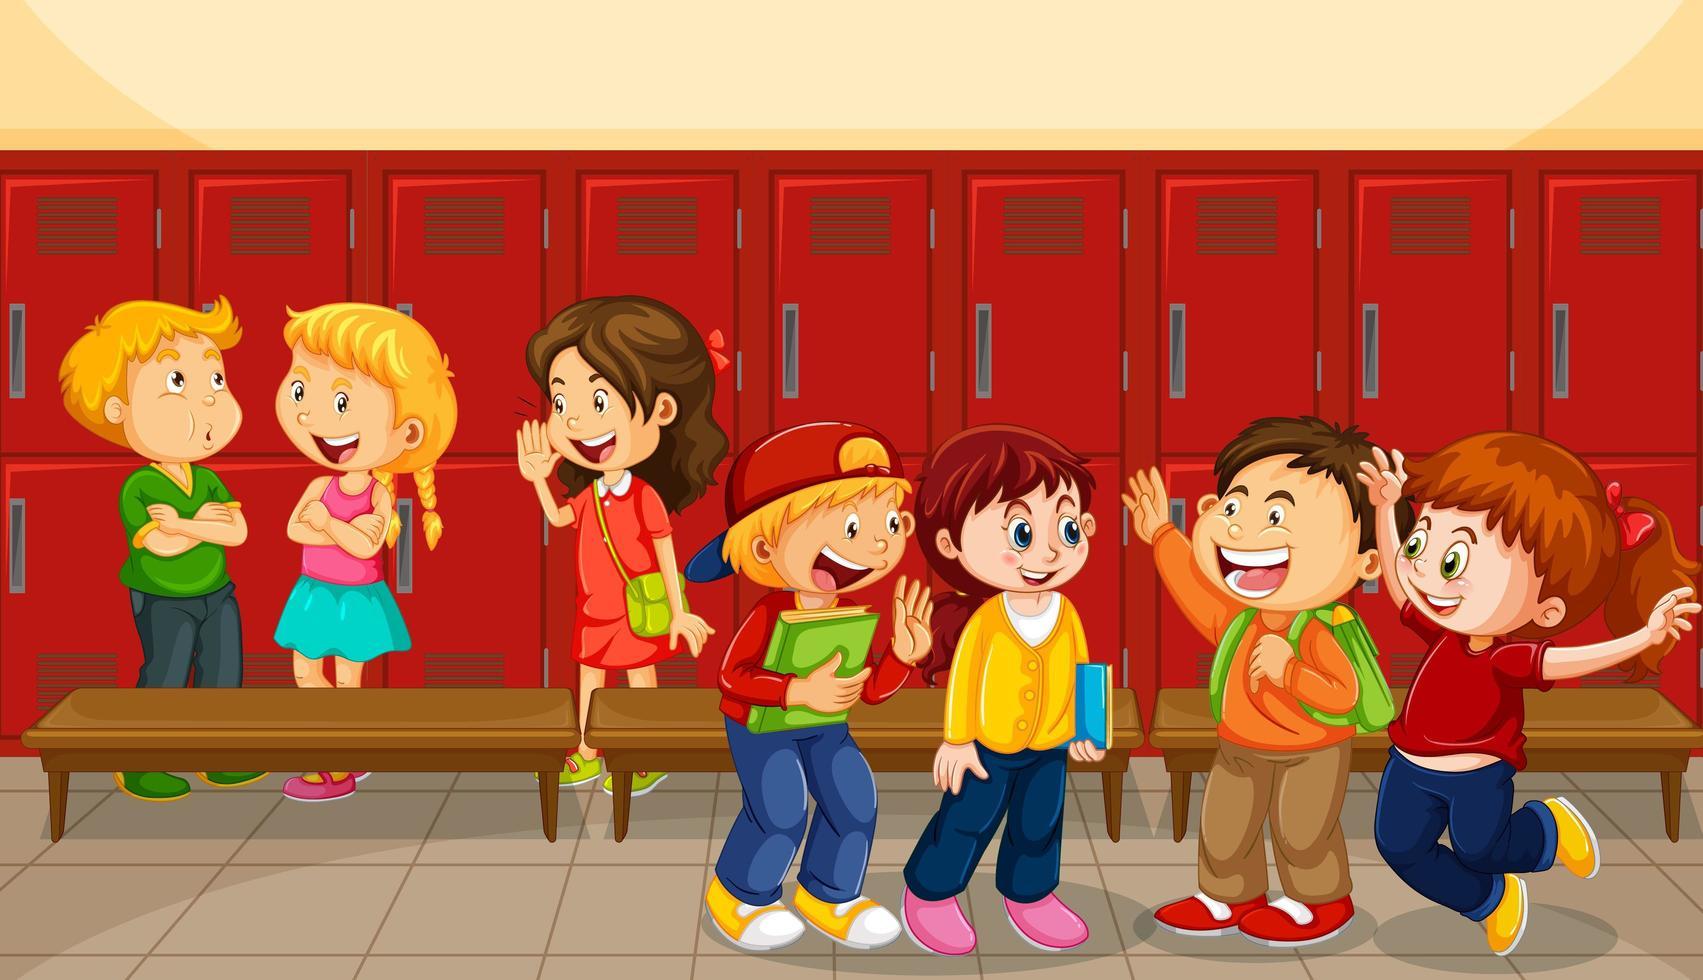 kinderen praten met hun vrienden met schoolkluisjes achtergrond vector